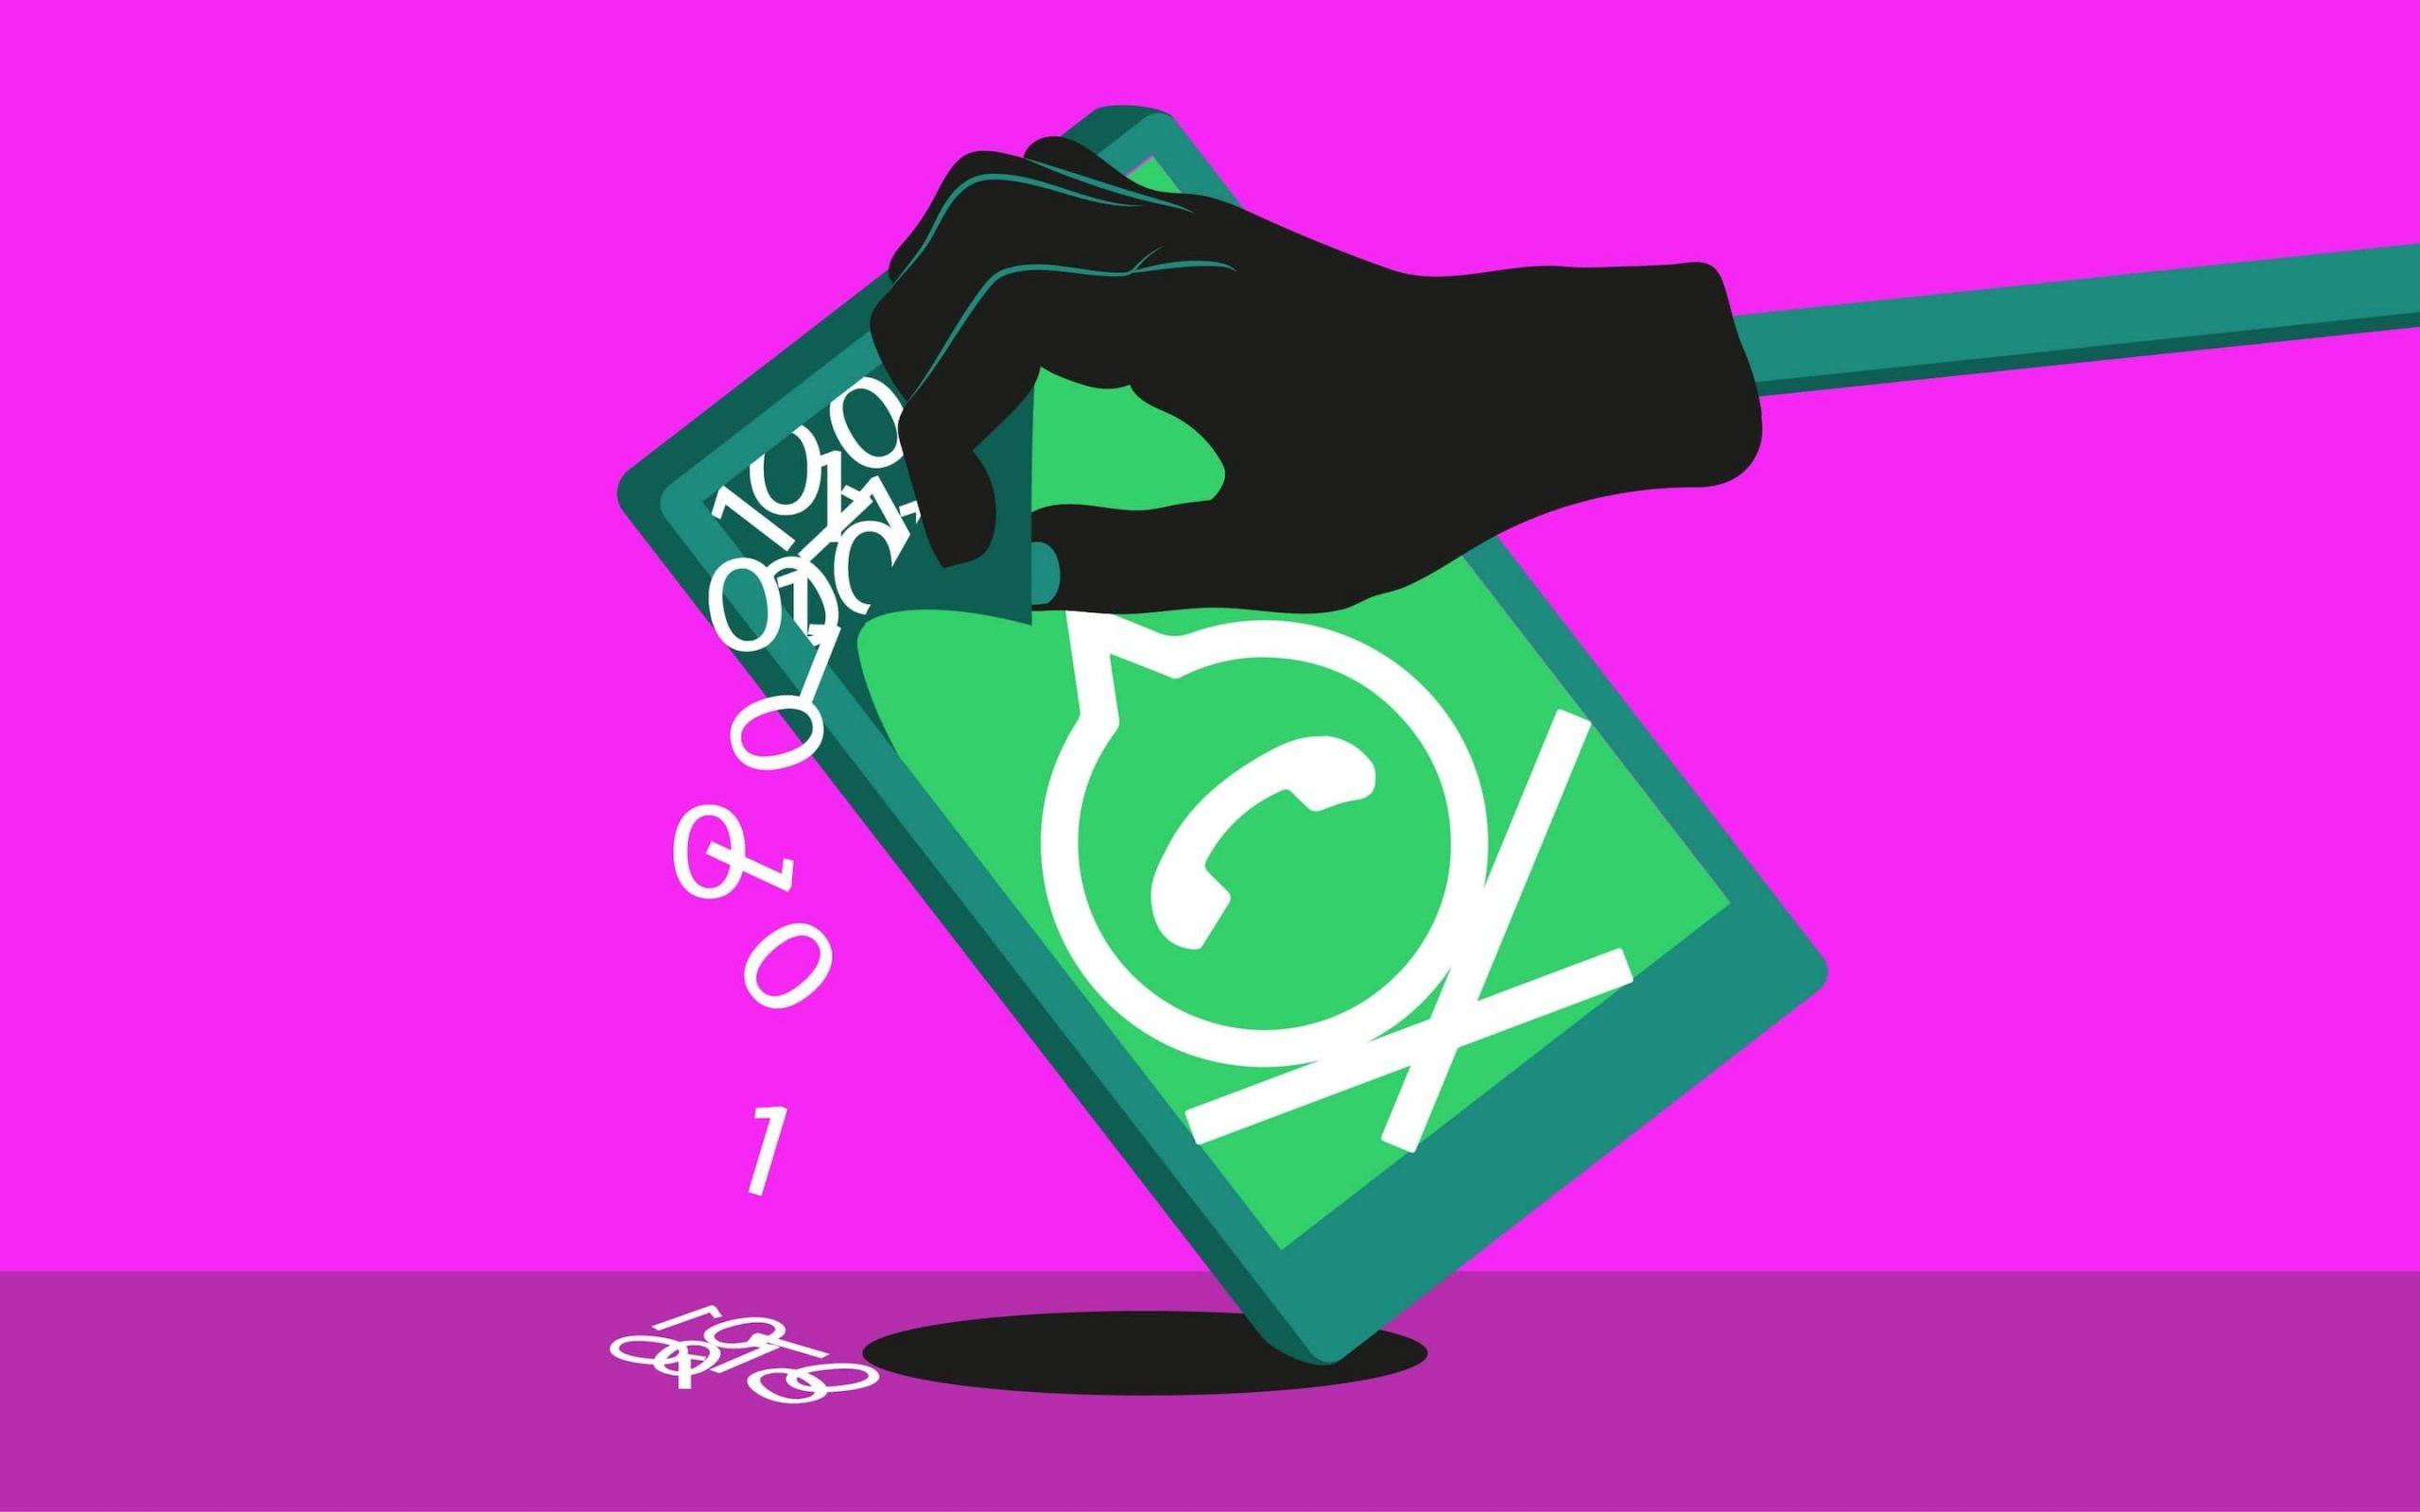 ООН требует расследовать взлом iPhone Джеффа Безоса через WhatsApp